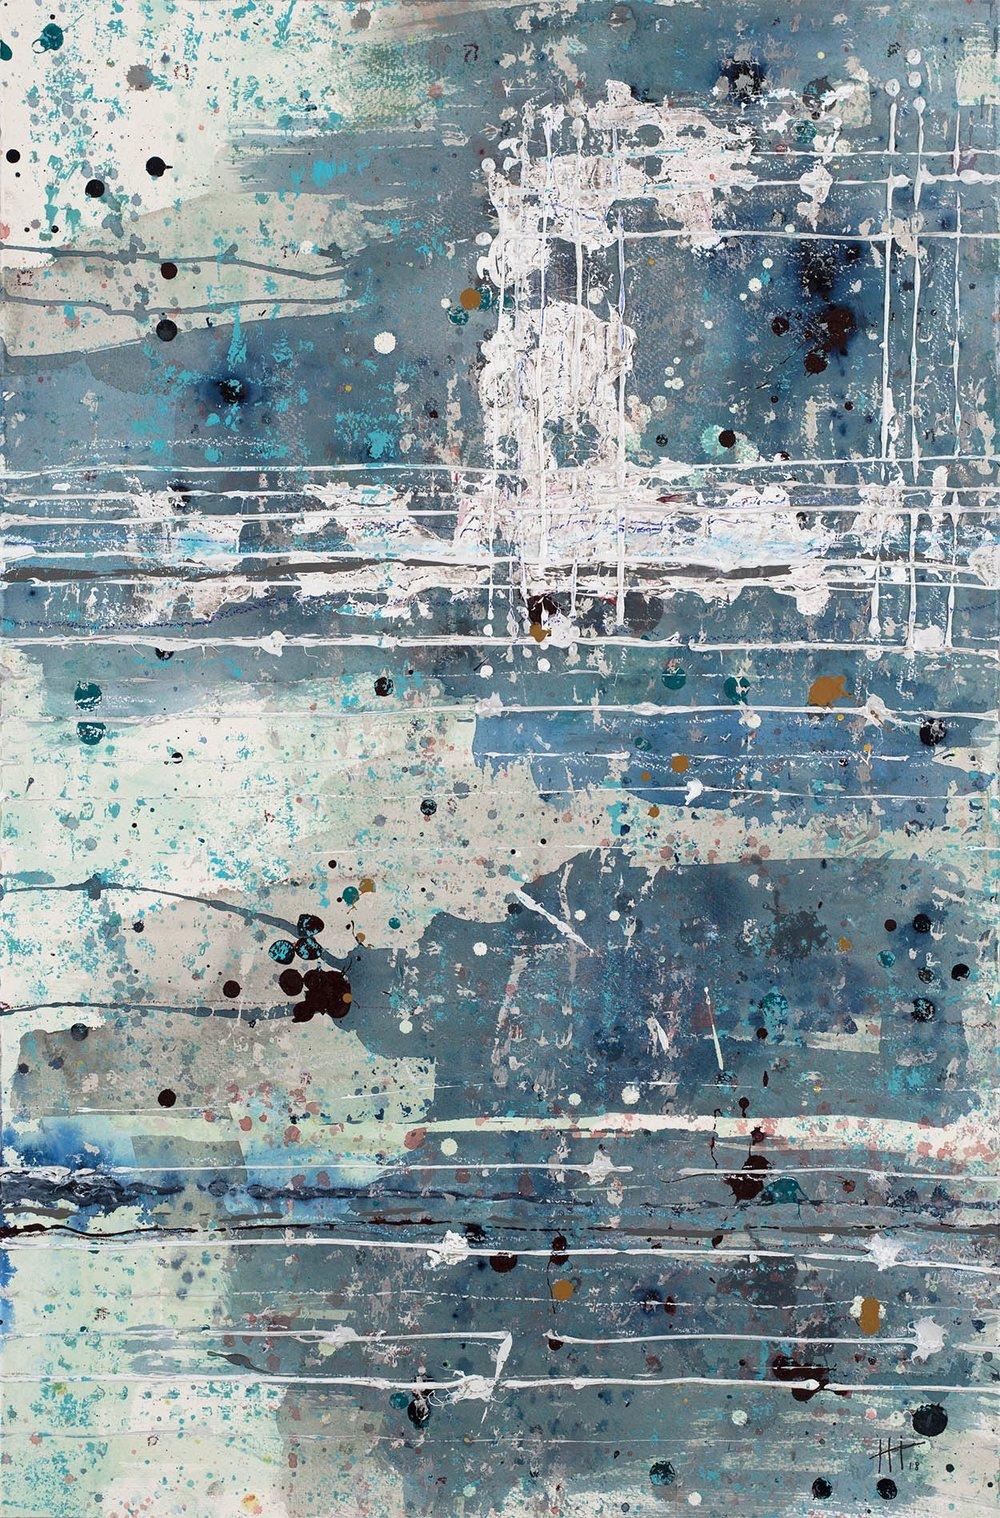 'Seventy Three' Acrylic & Mixed Media / 119cm x 93cm (framed) £1,850